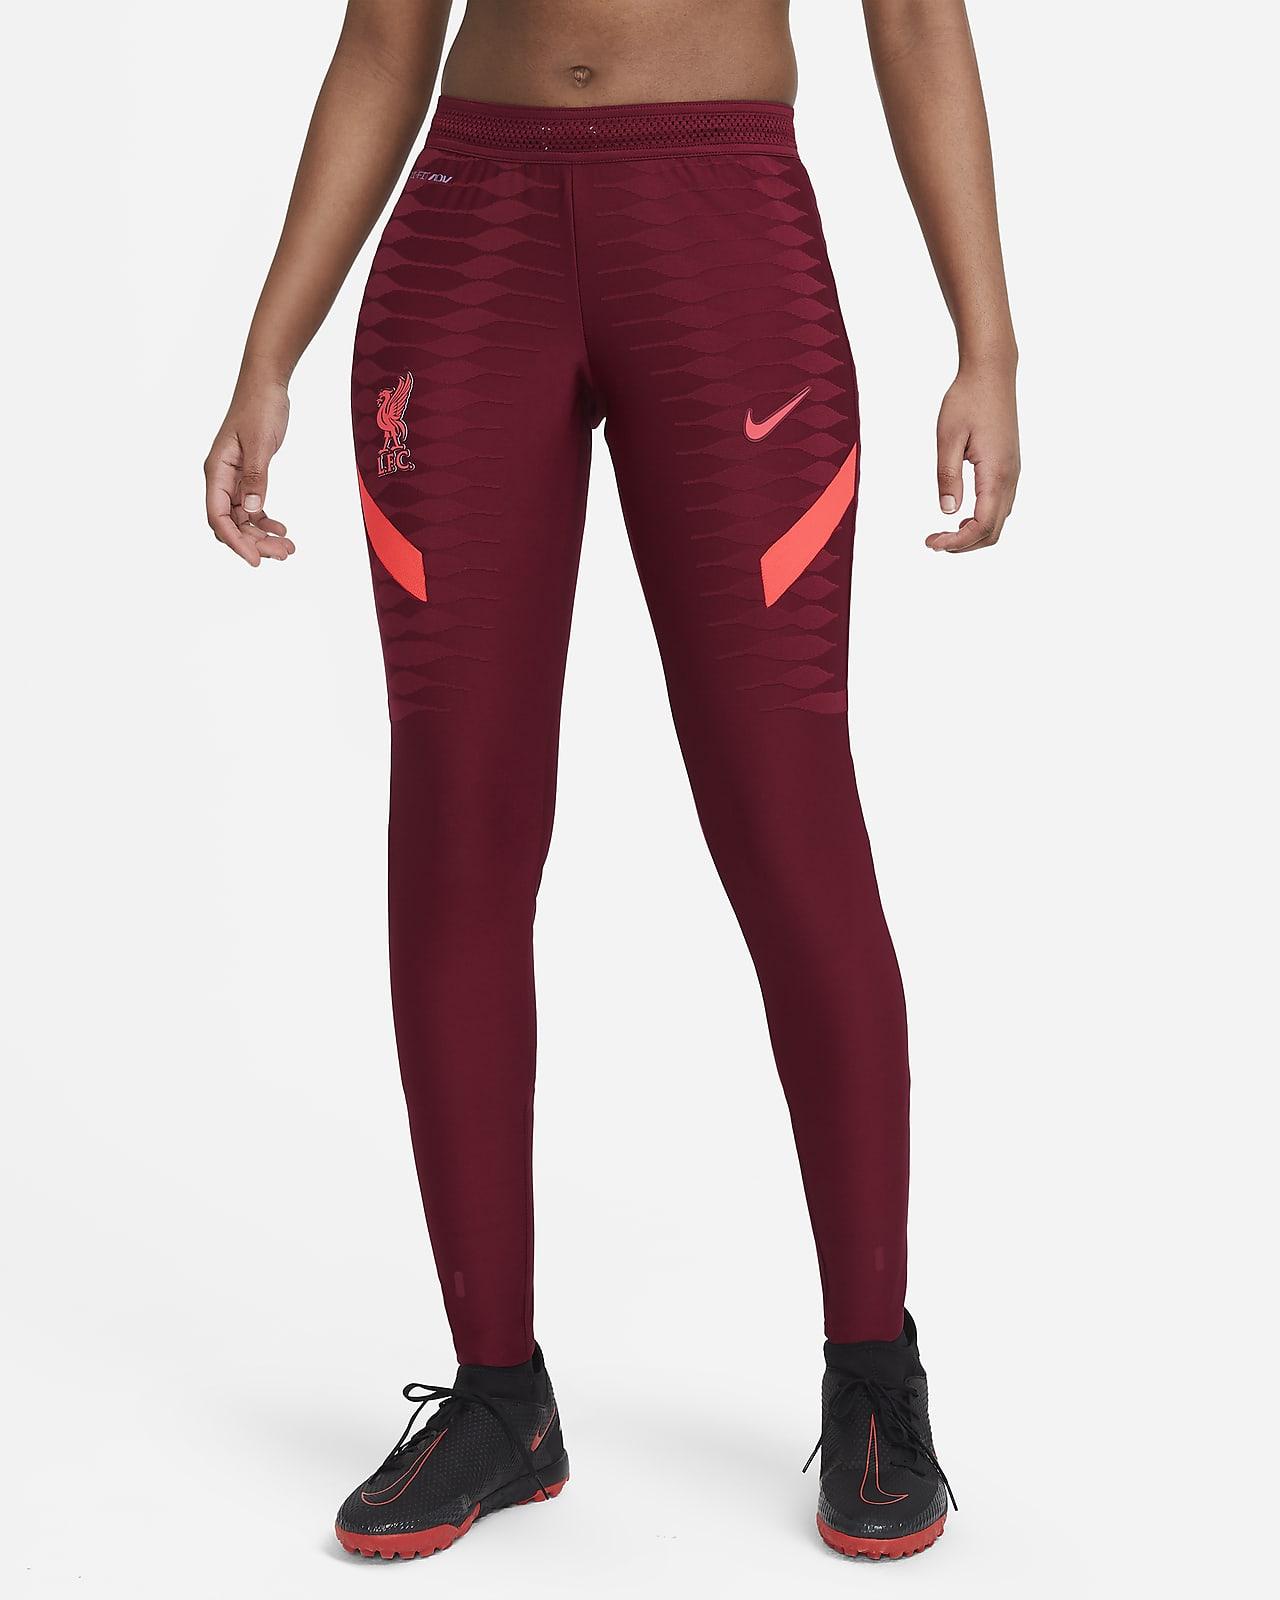 Γυναικείο ποδοσφαιρικό παντελόνι Nike Dri-FIT ADV Λίβερπουλ Elite